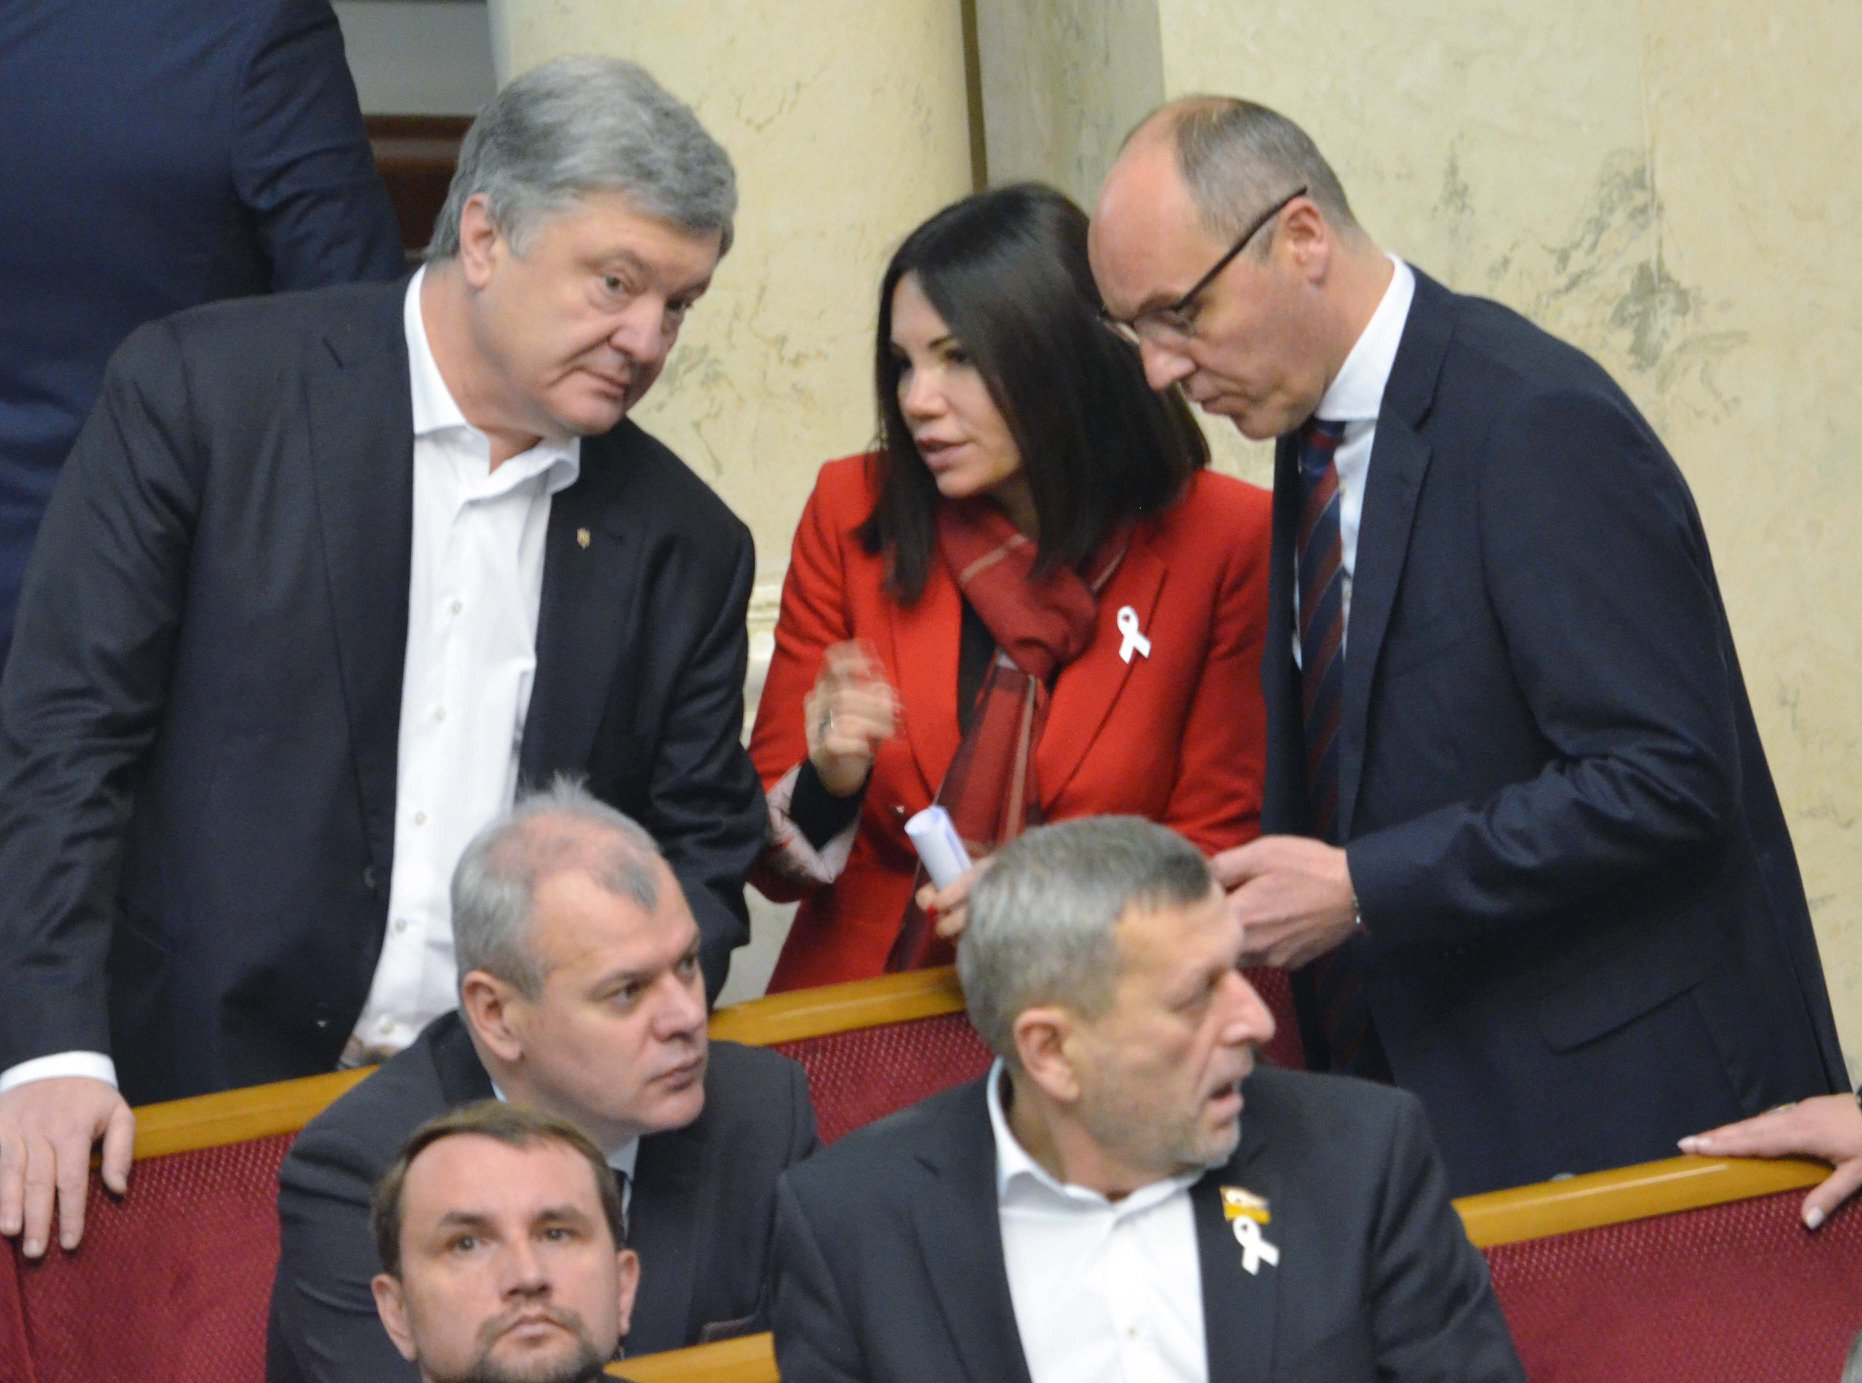 Петро Порошенко, Вікторія Сюмар та Андрій Парубій (фото: Олег Федонюк, facebook)